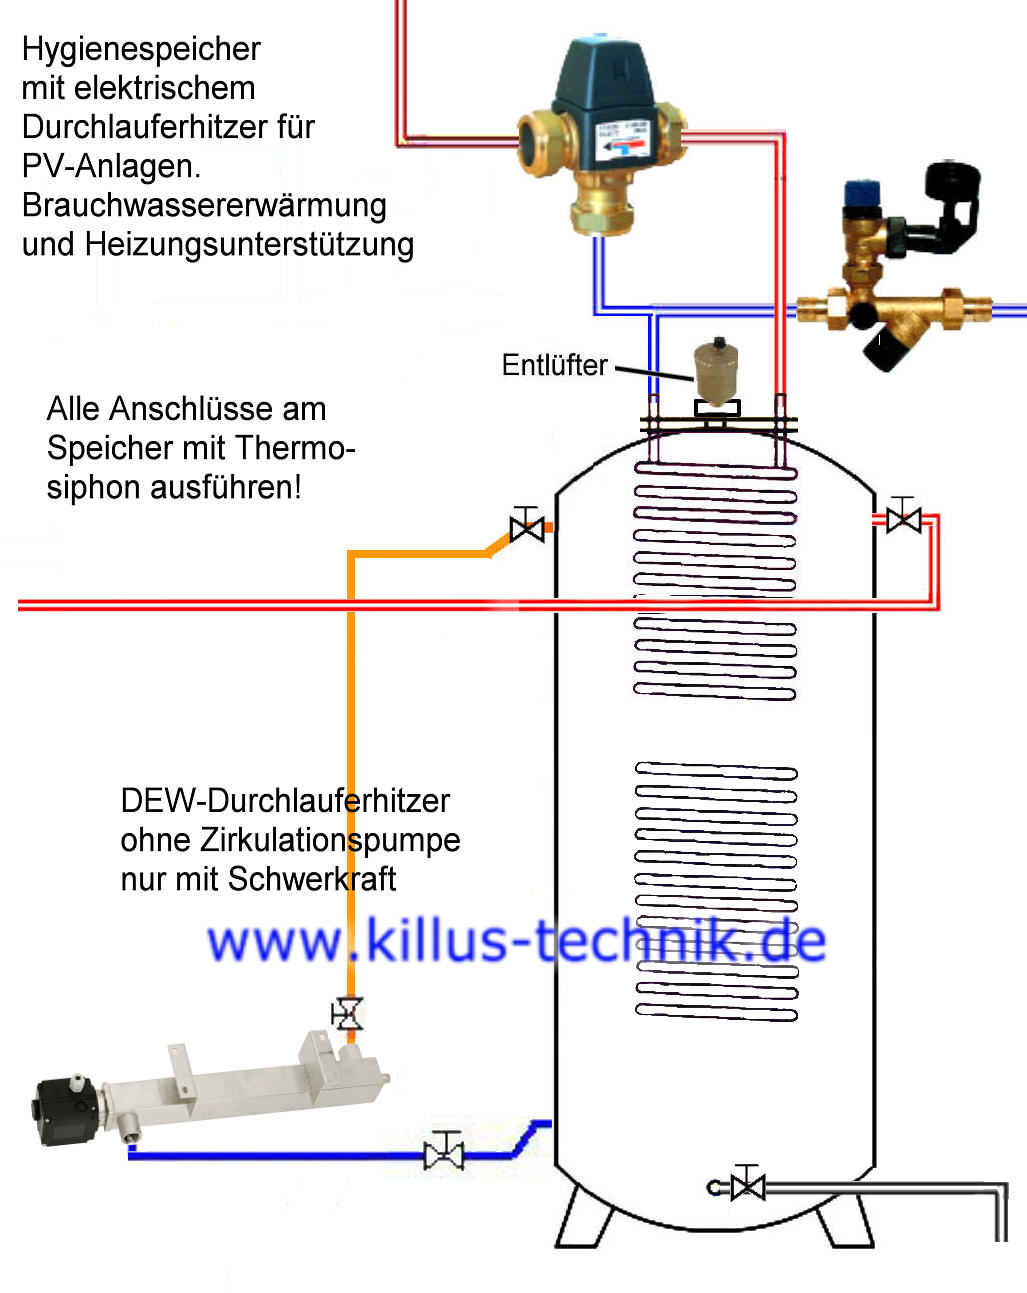 Durchlauferhitzer an Hygienespeicher ohne Pumpe Schwerkraft Killus-Technik.de